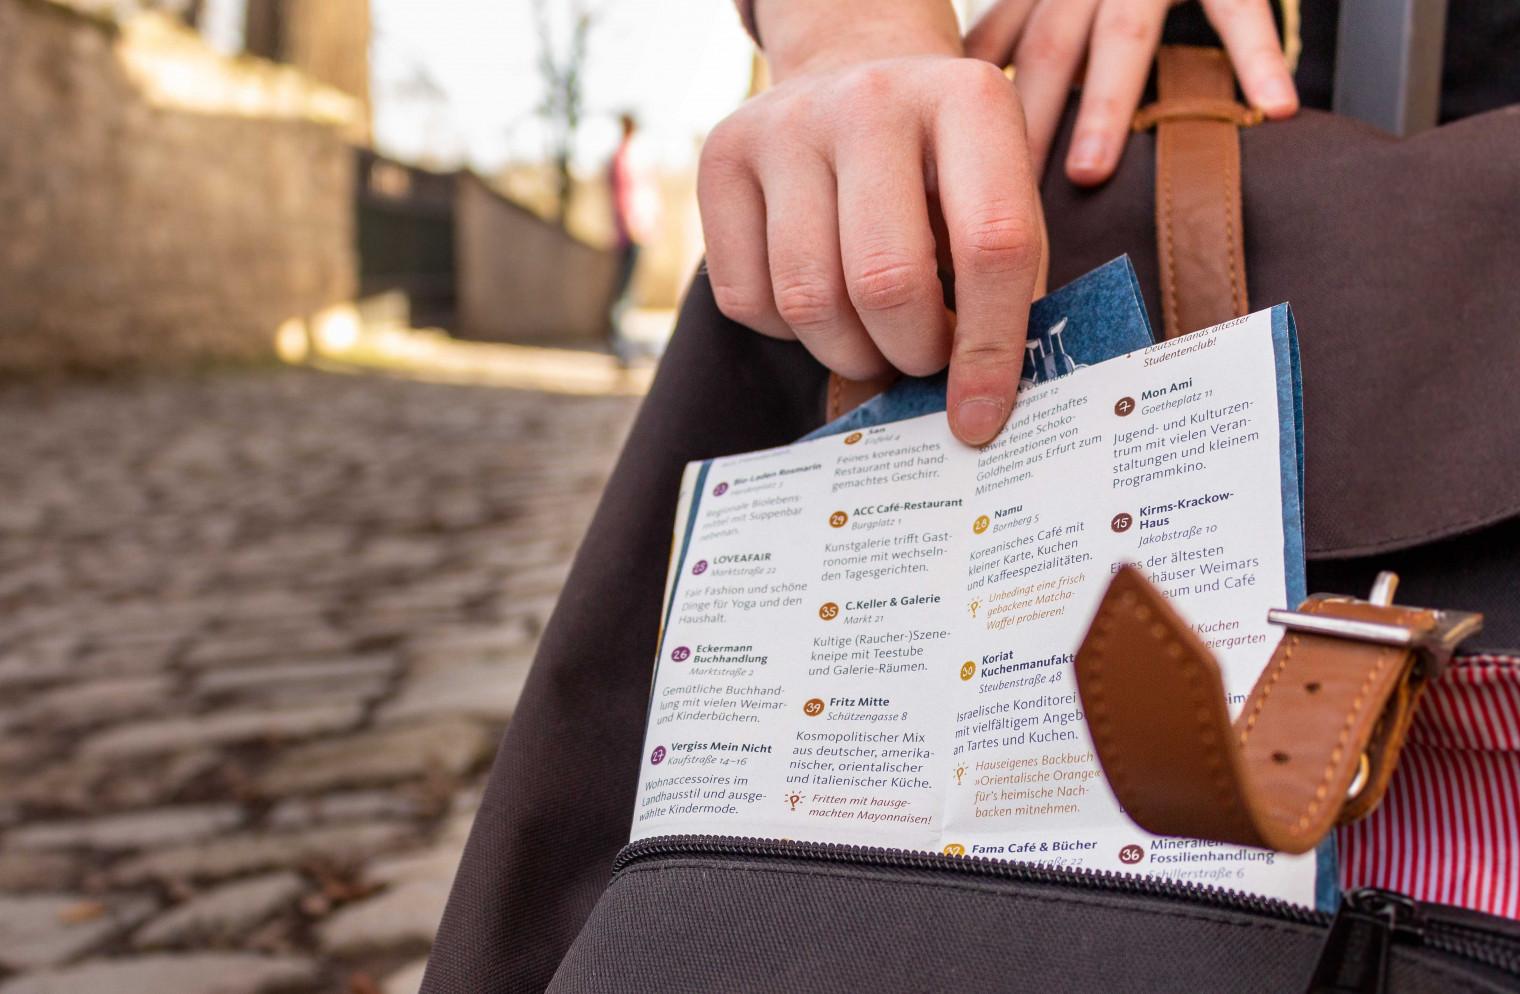 Eine Hand holt den Stadtplan aus der Außentasche eines Rucksacks. Im Hintergrund sieht man eine sonnige Straße.